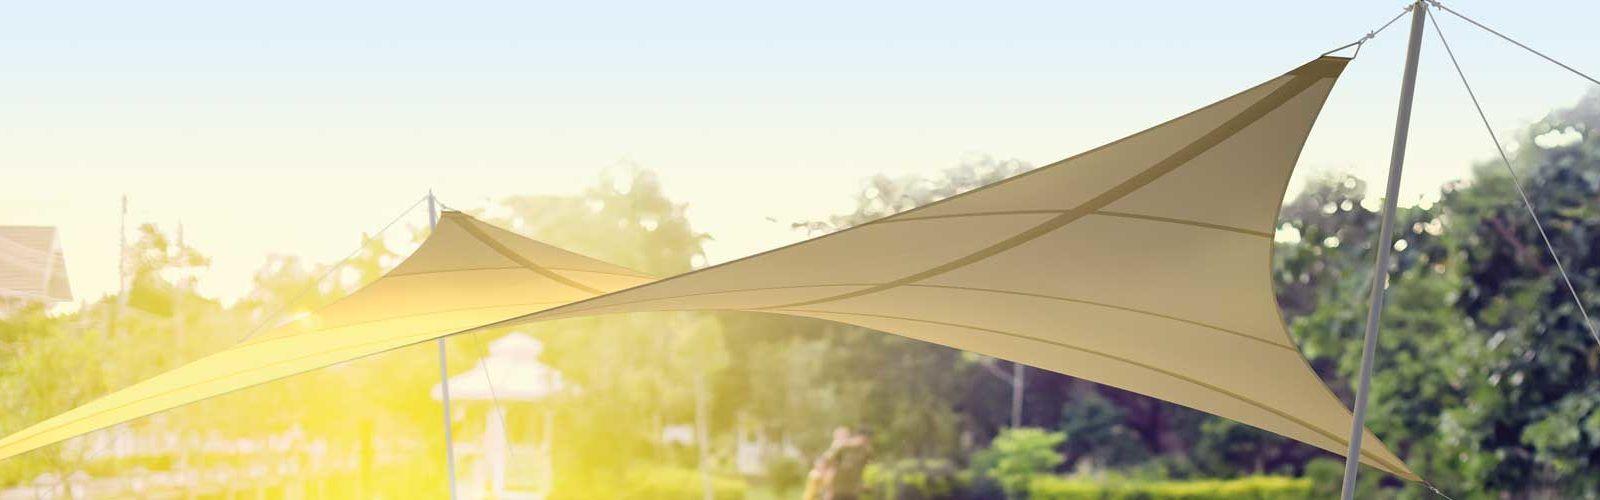 Sonnensegel | SAGA Raumausstattung ist seit 50 Jahren Spezialist für Gardinen, Bodenbelag, Sonnenschutz, Sonnensegel, Markisen, Pergola, Rolladen, Insektenschutz, Renovierung und Wasserschaden in Aschaffenburg